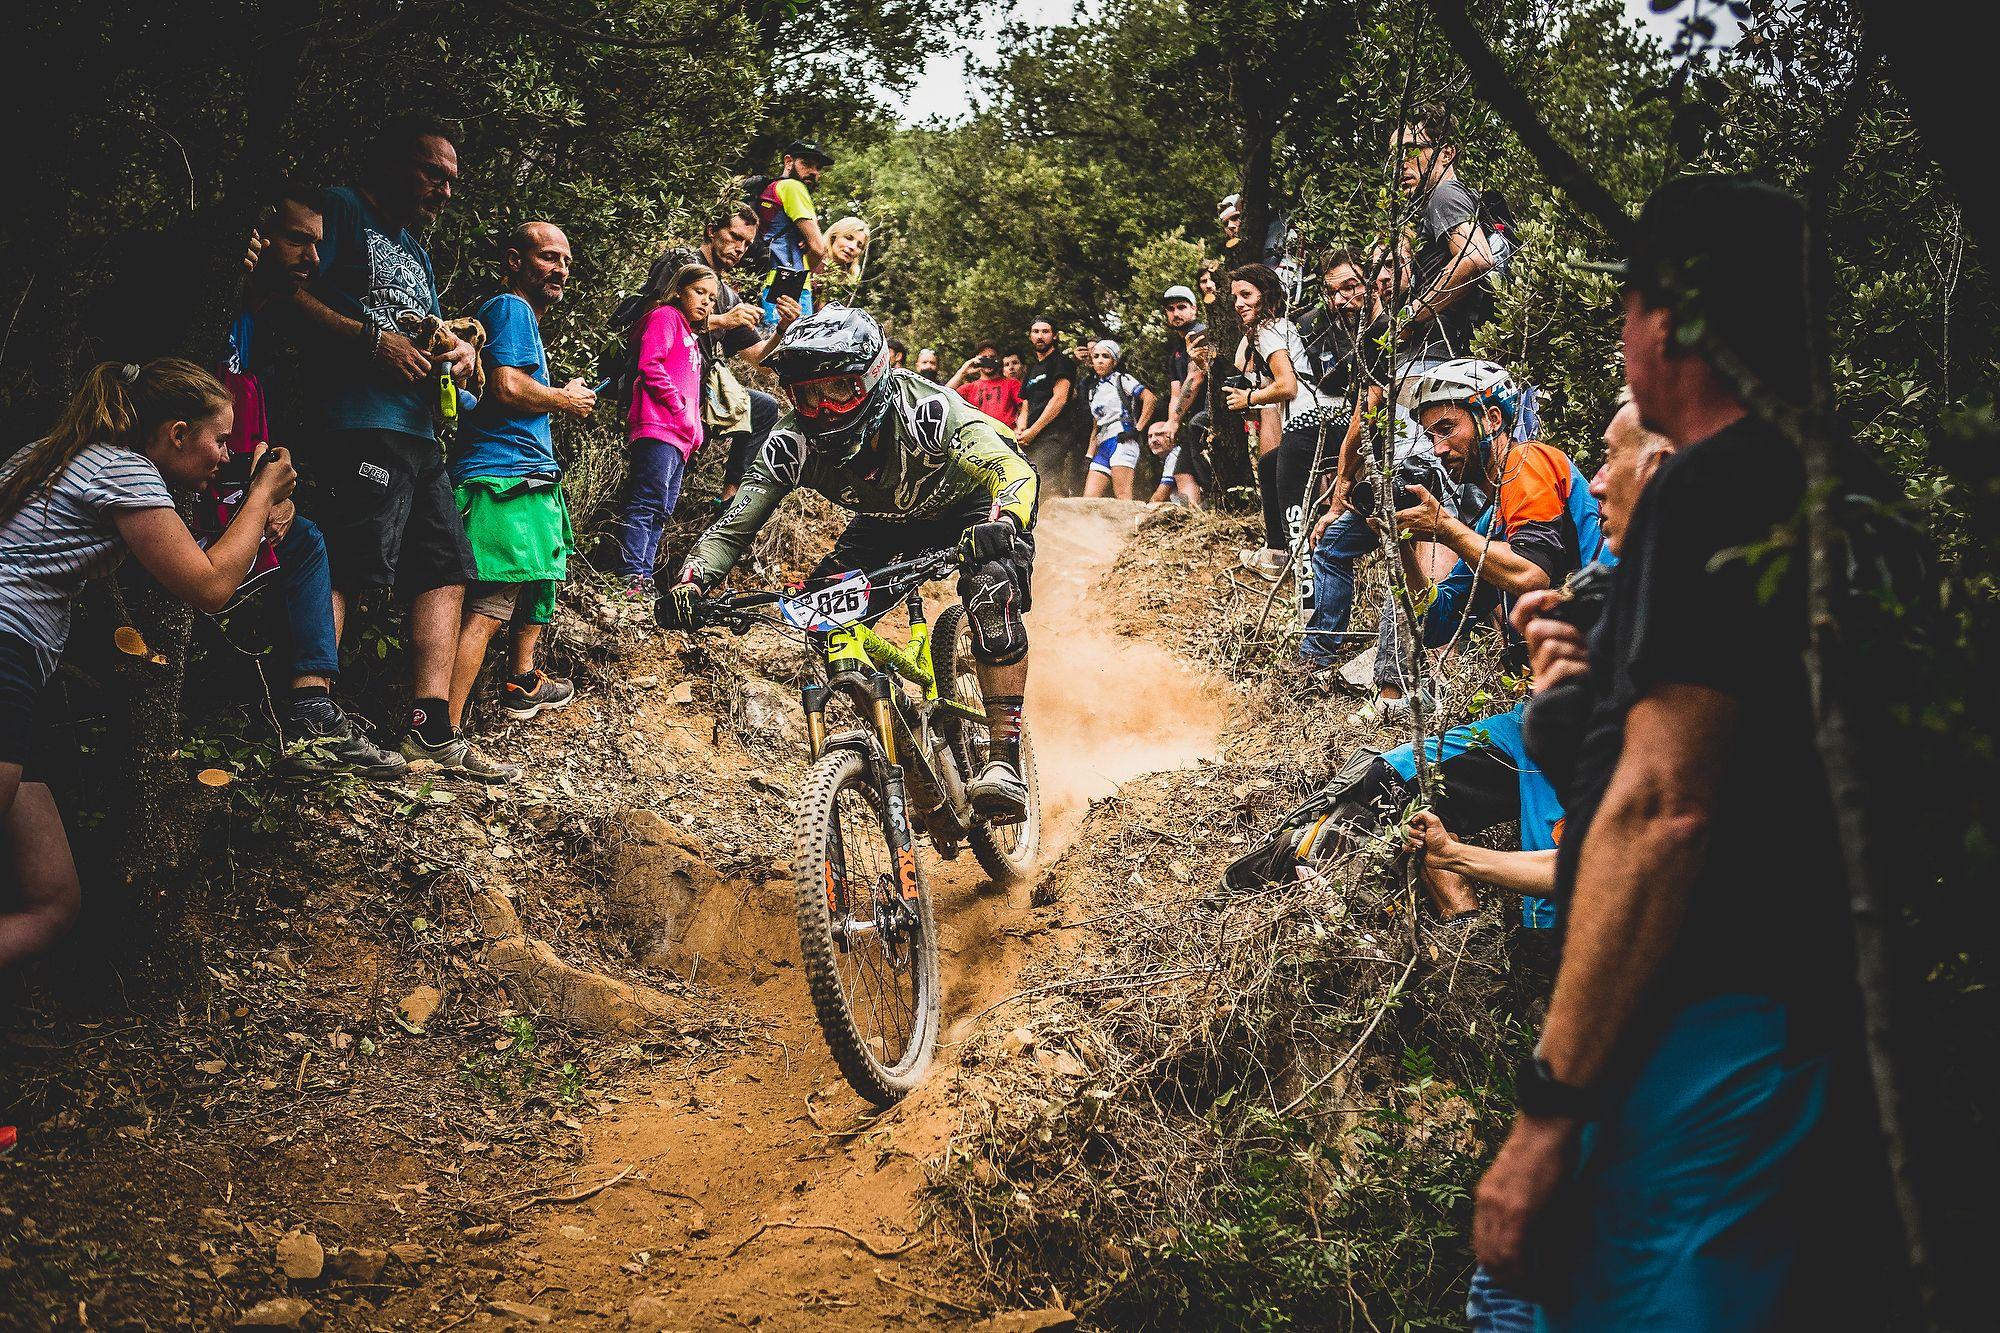 Marco Osborne Cannodale Enduro Team 2018